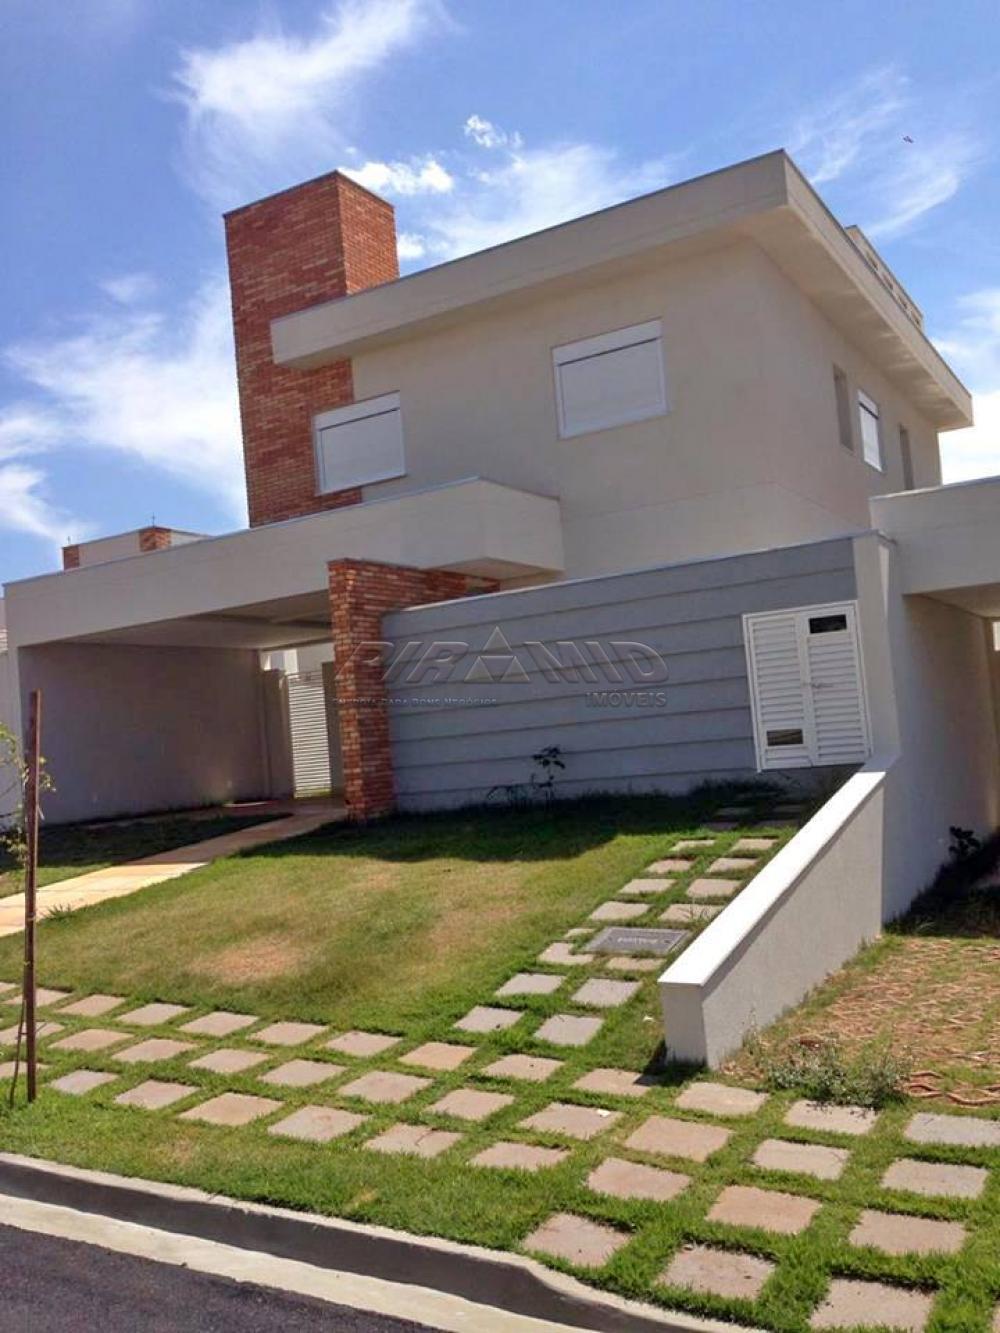 Ribeirao Preto Casa Venda R$750.000,00 Condominio R$950,00 3 Dormitorios 3 Suites Area construida 189.00m2